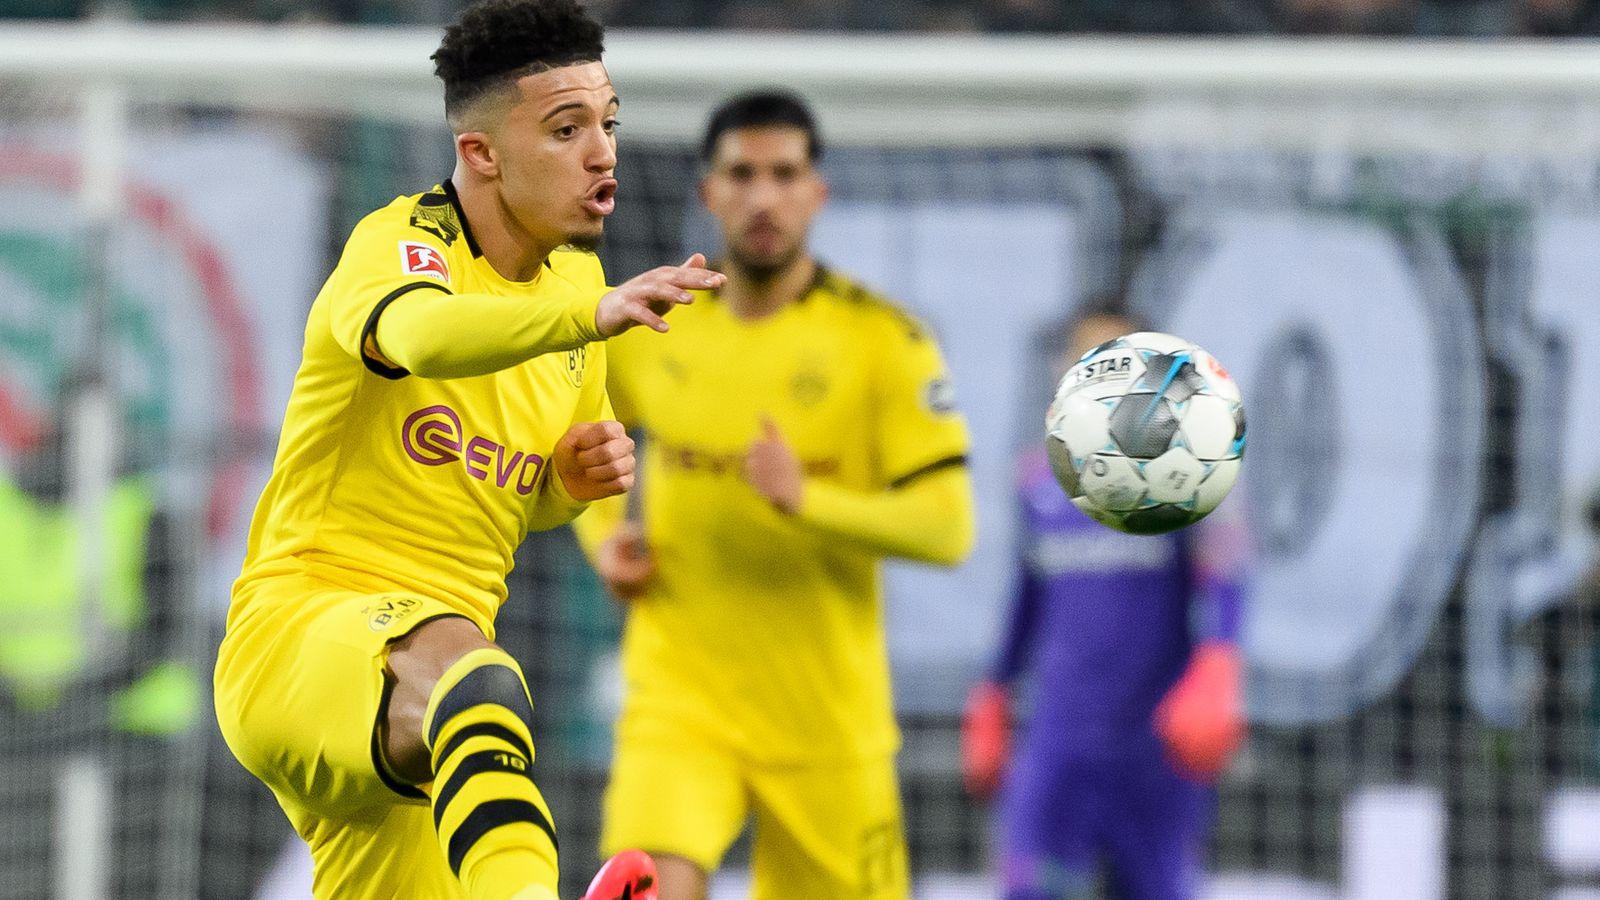 Photo of BVB Transfer News: Neuentwicklung in Jadon Sancho | Fußballnachrichten